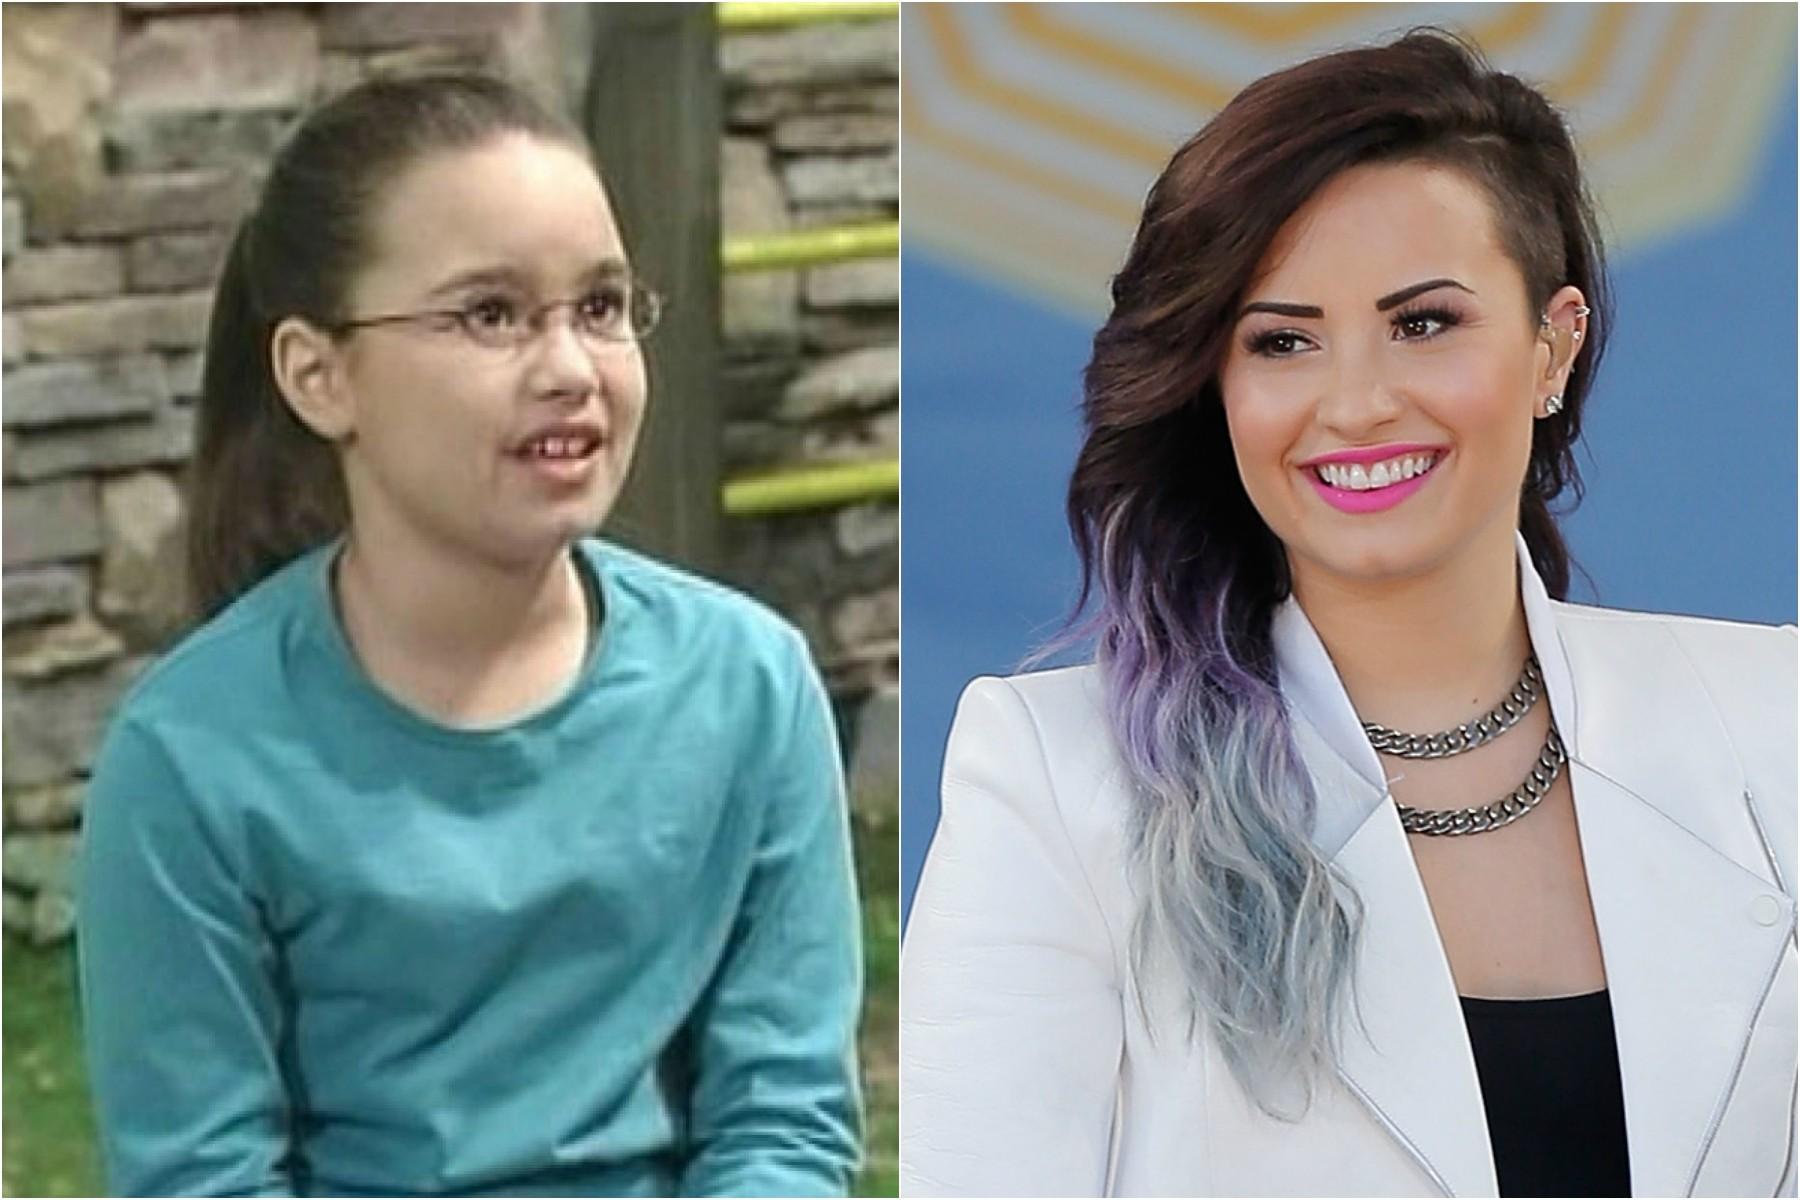 Demi Lovato tinha entre 9 e 10 anos quando começou a trabalhar na televisão (à esq.), interpretando a menina Angela nos programas do dinossauro Barney desde 2002. Hoje, se dedica mais à carreira de cantora e tem 21 anos. (Foto: Getty Images)